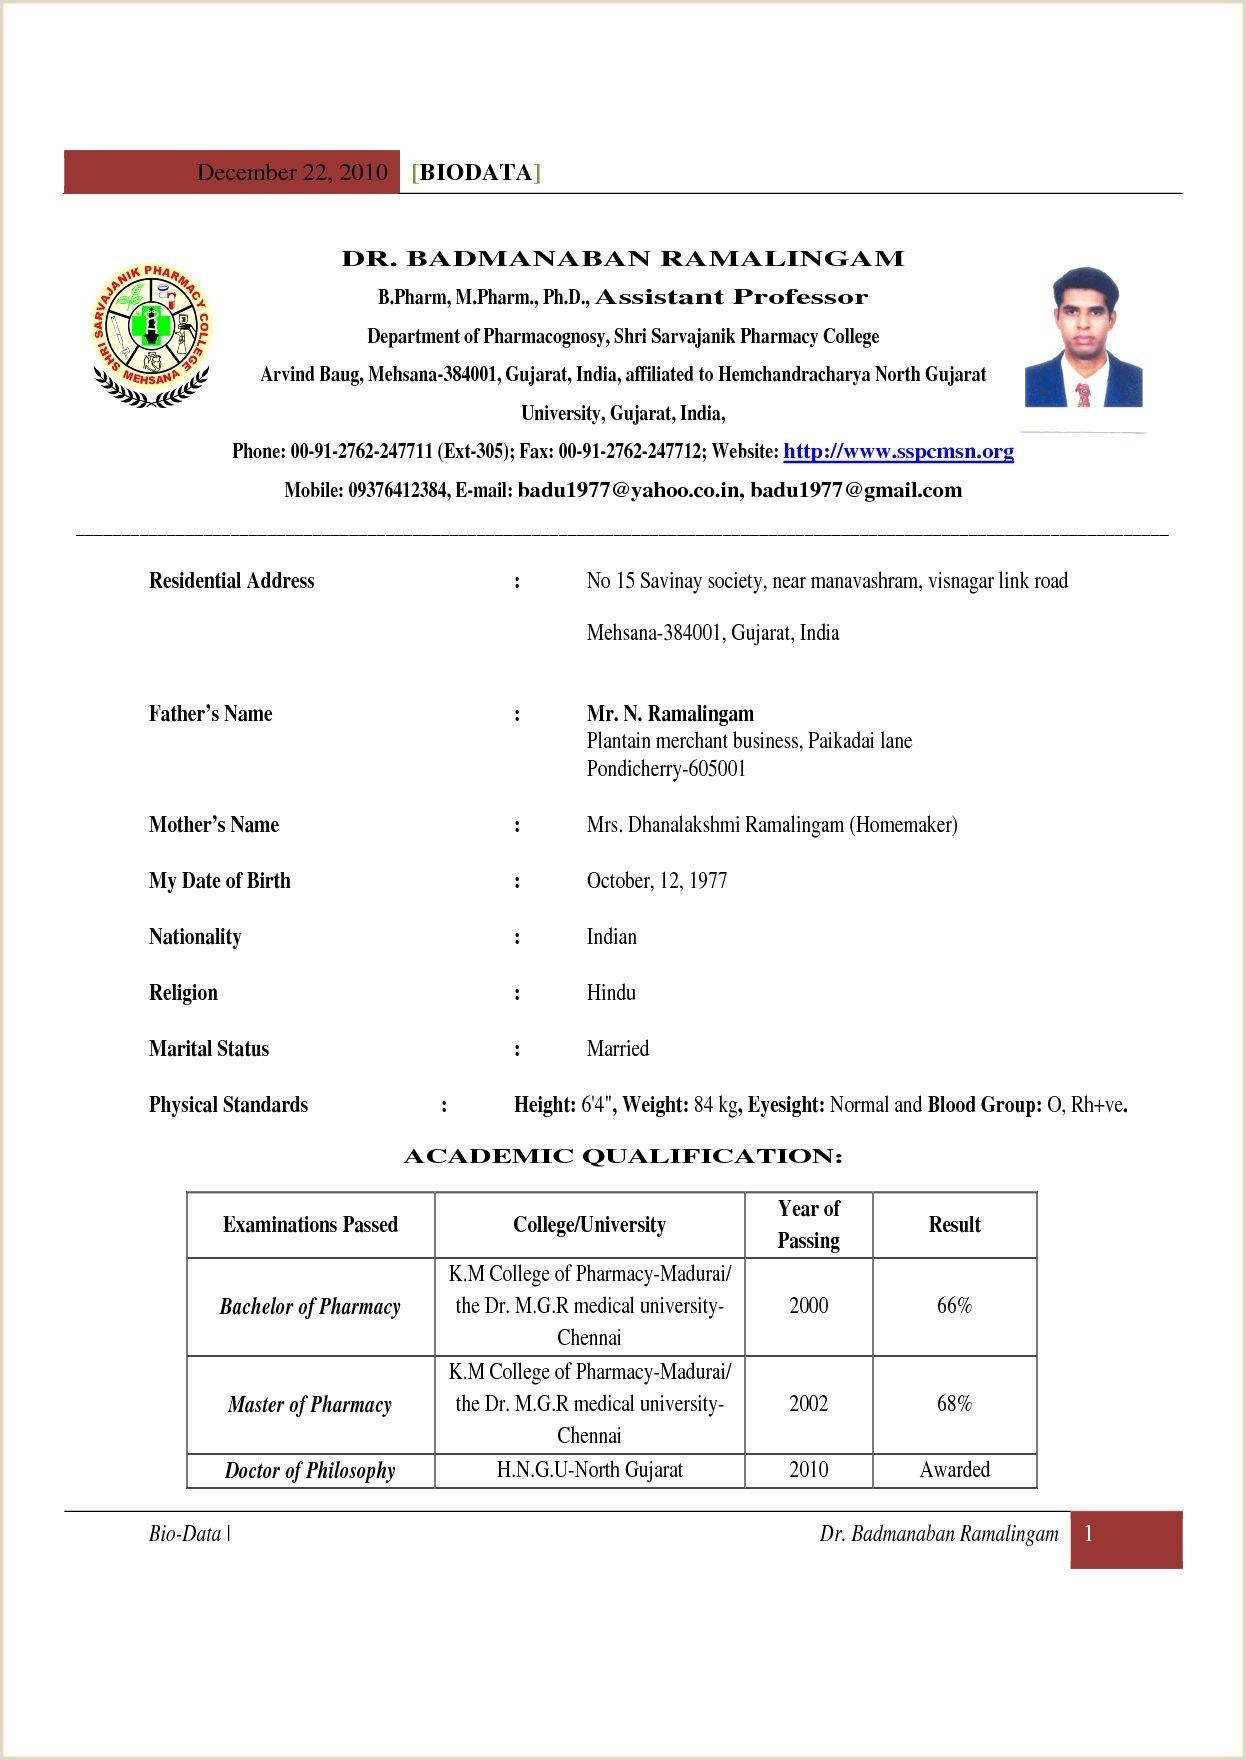 Fresher Resume format Pdf India D Pharmacy Resume format for Fresher